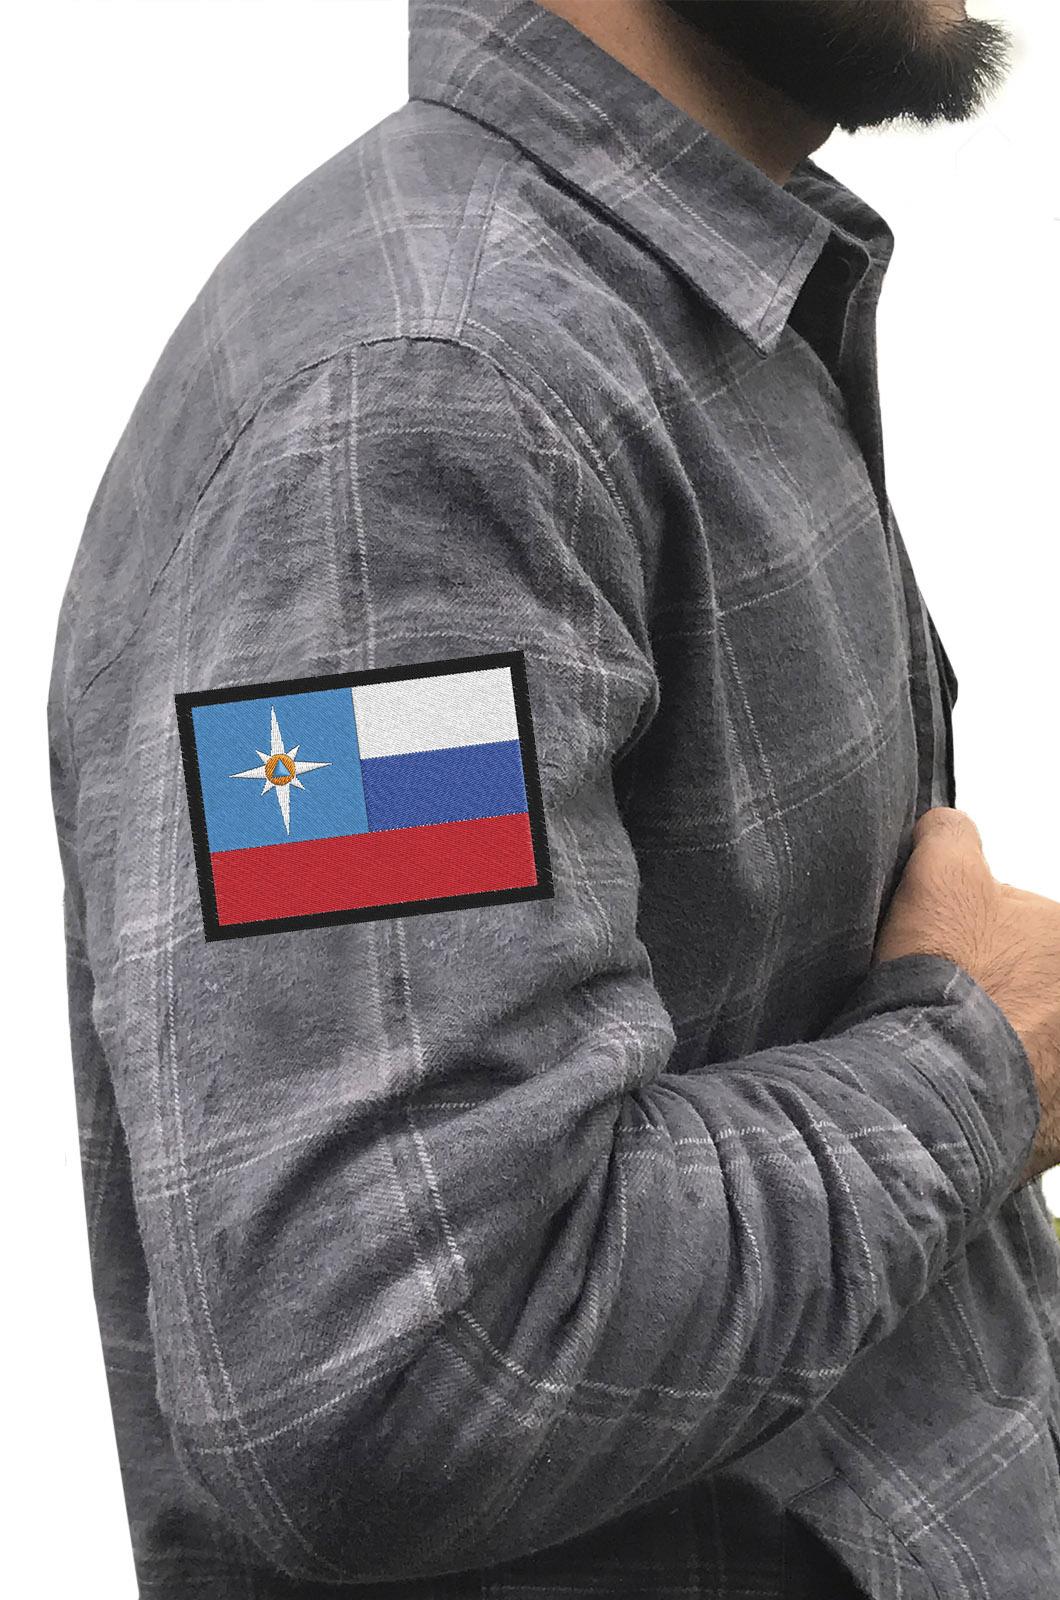 Мужская крутая рубашка с вышитым шевроном МЧС РФ - купить в розницу